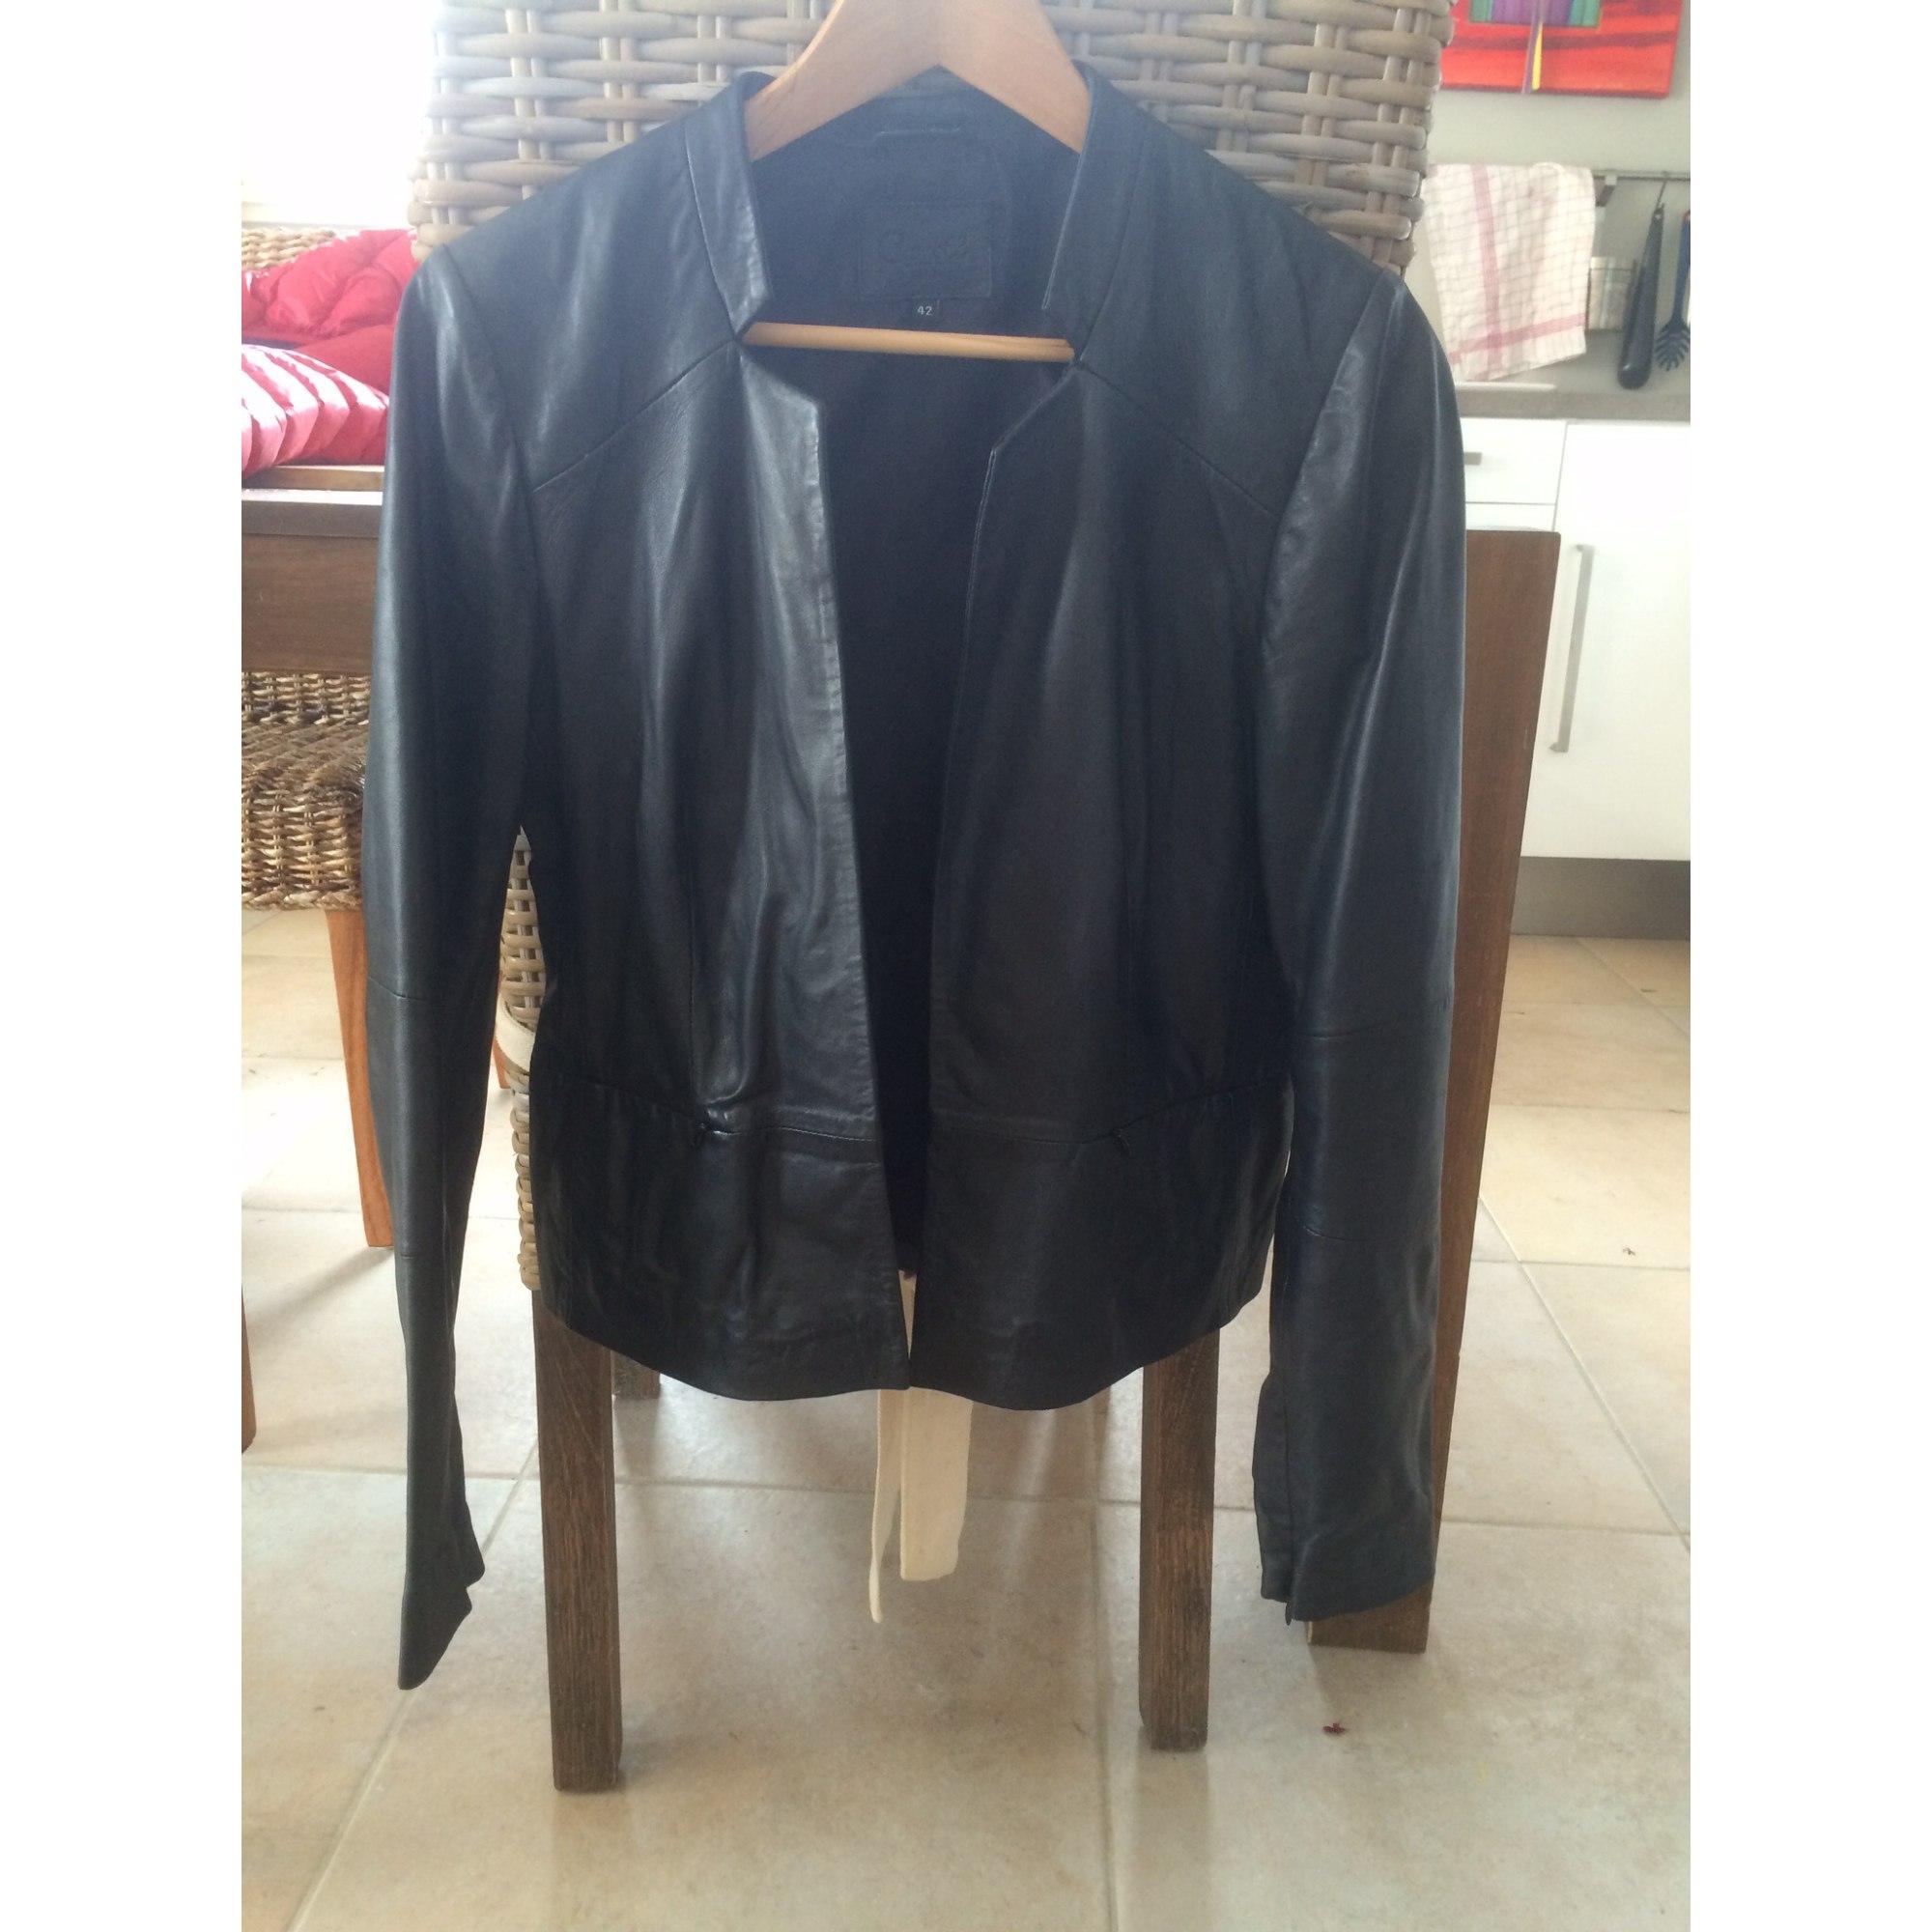 Veste en cuir CAROLL 42 (L XL, T4) noir vendu par Starck - 3992266 a670298442d